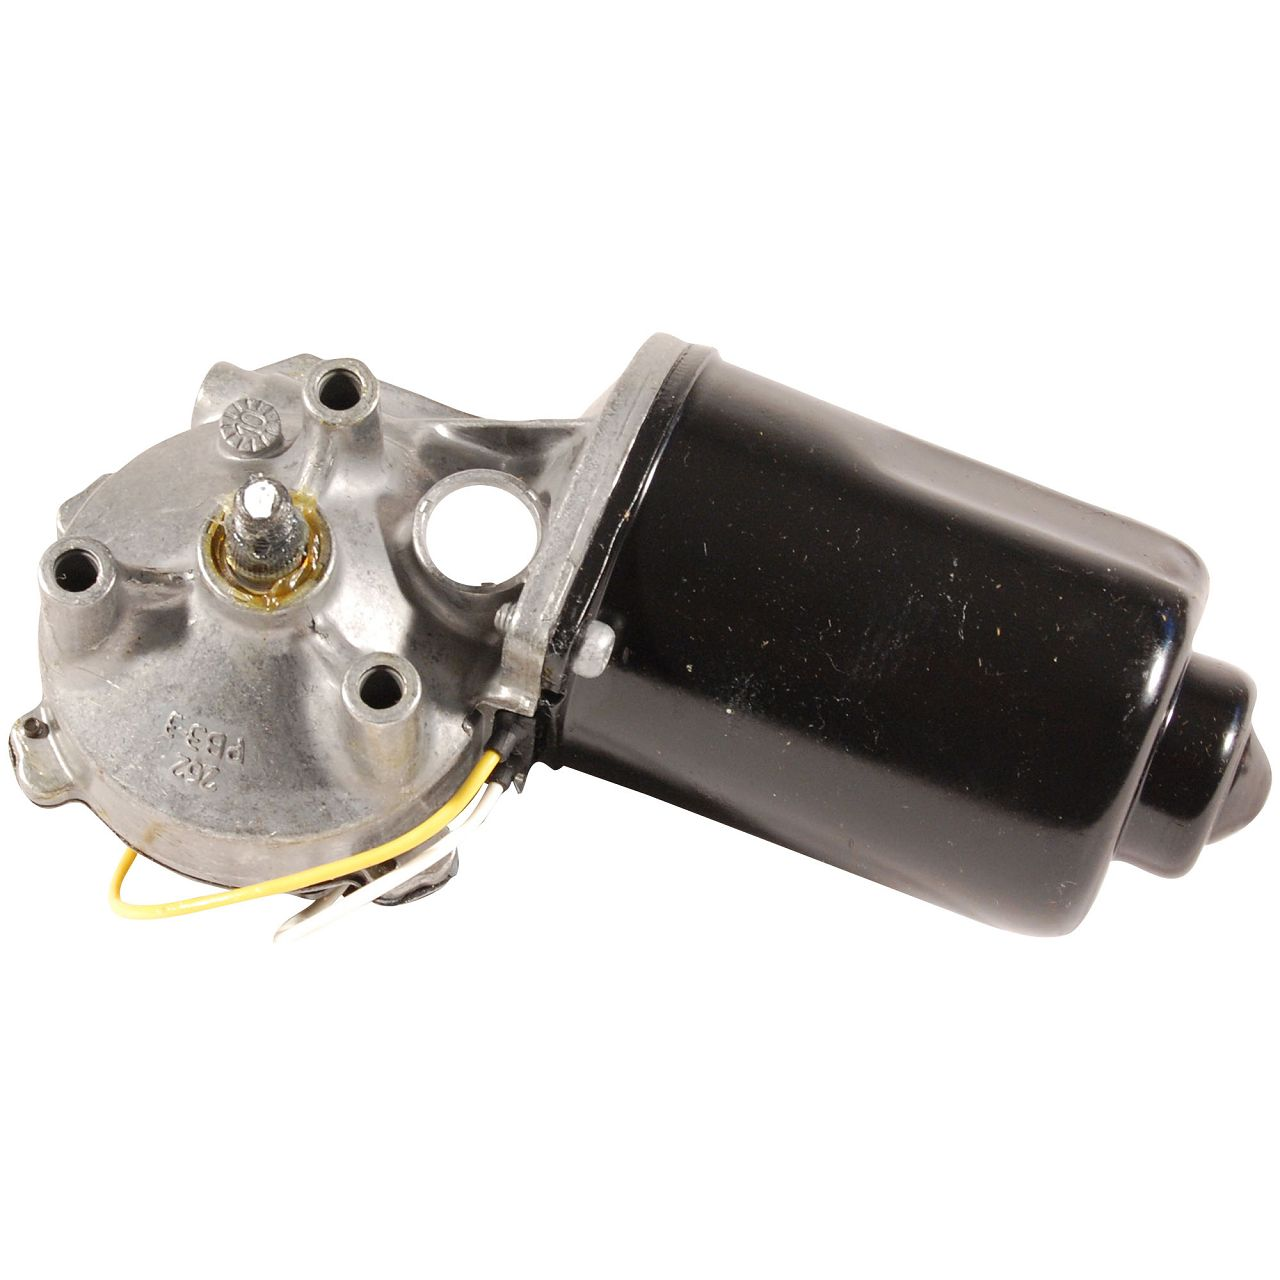 VEMO Frontwischermotor Wischermotor für Opel Corsa C Tigra B vorne V40-07-0005